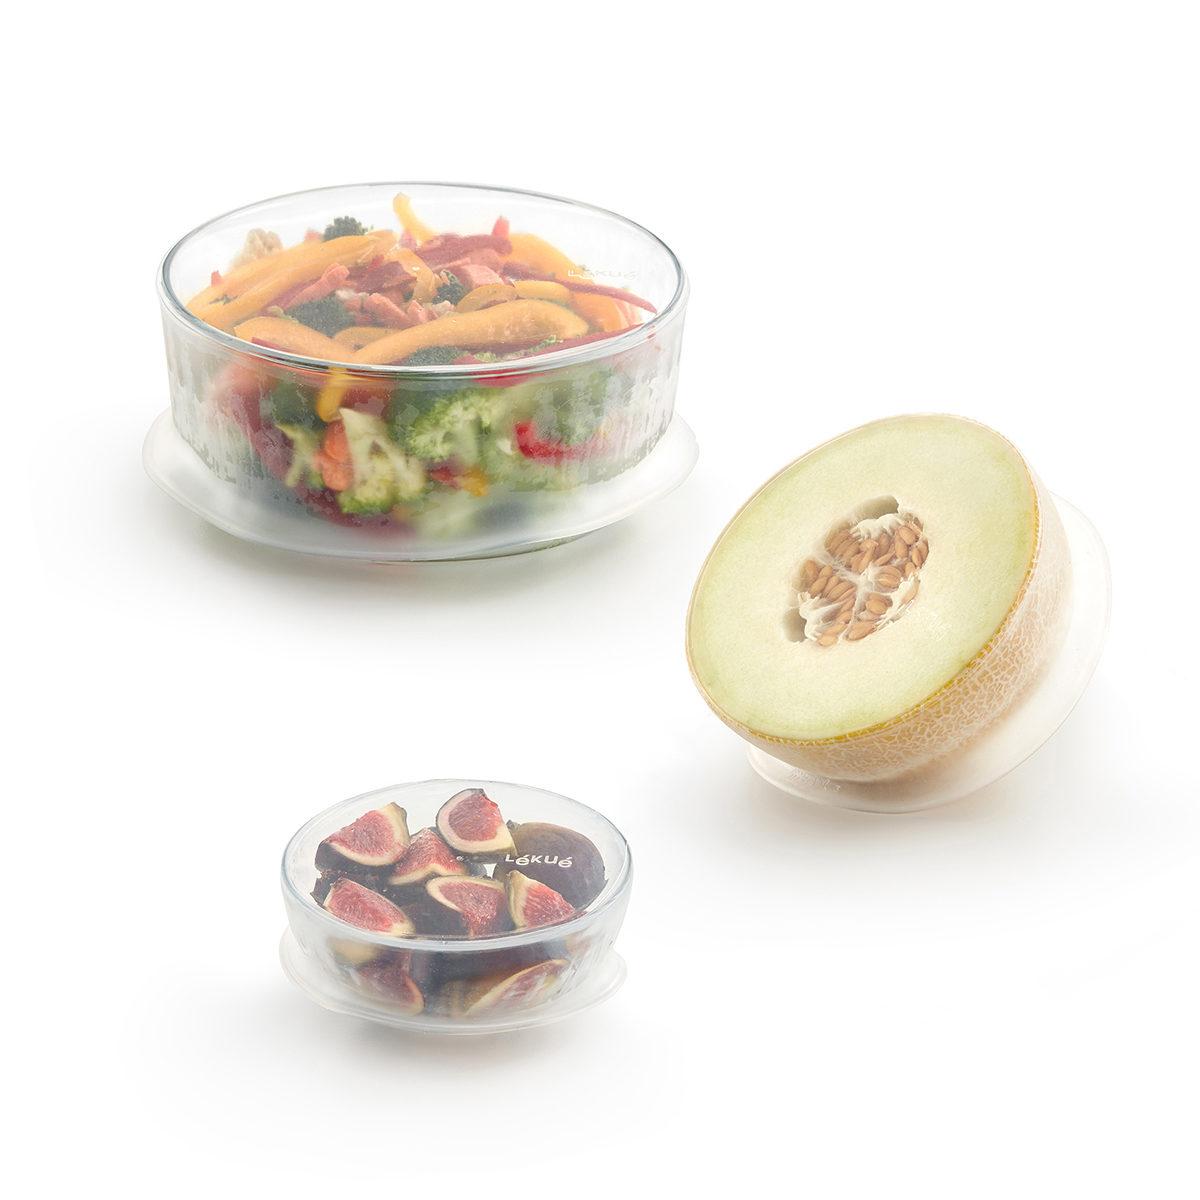 Osłonki wielorazowe do żywności - zestaw 3 szt.